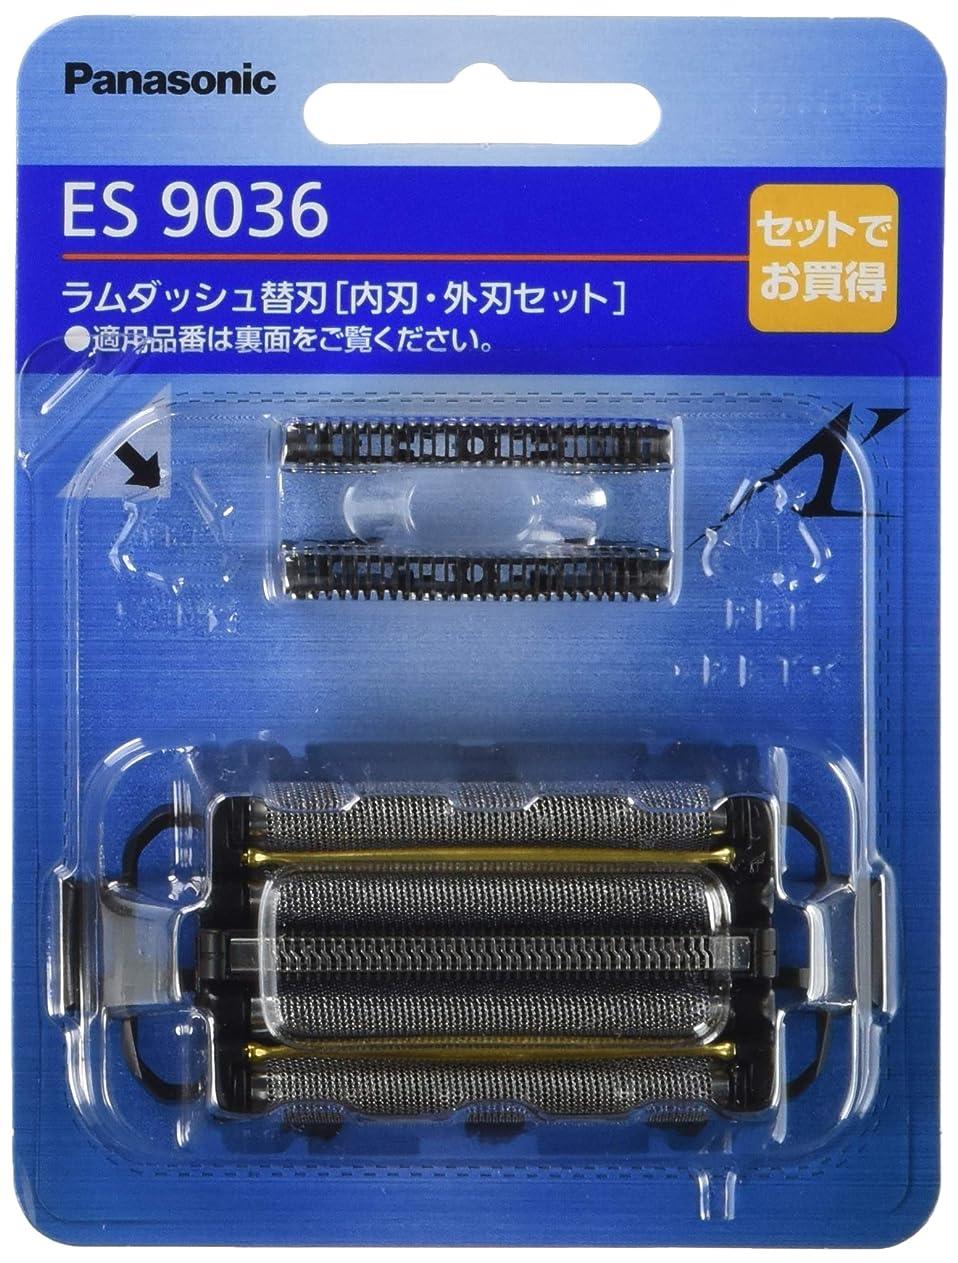 未使用十代の若者たち刺しますパナソニック 替刃 メンズシェーバー用 セット刃 ES9036